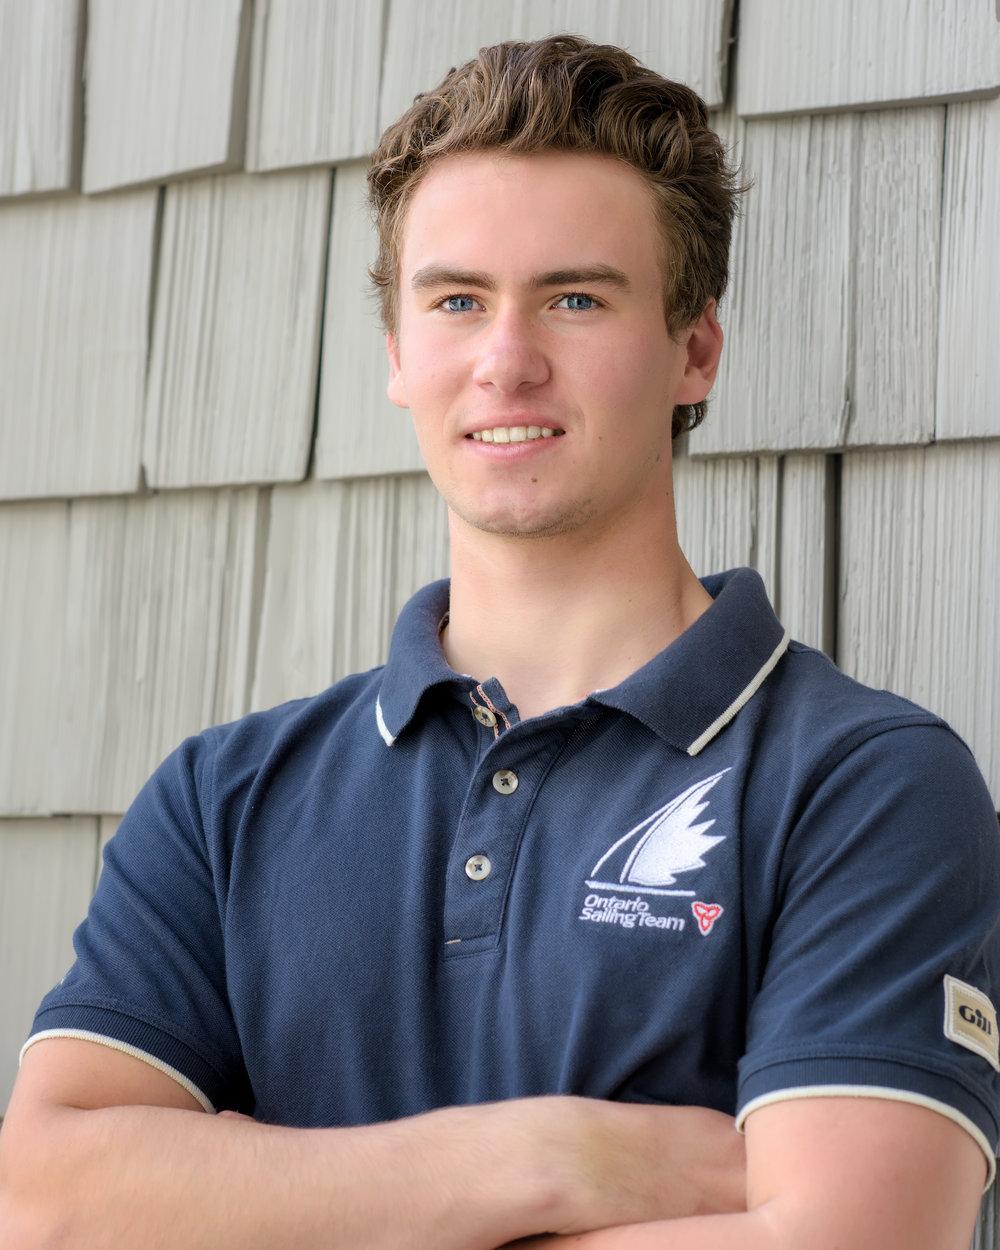 Liam Bruce - Ontario Sailing Team